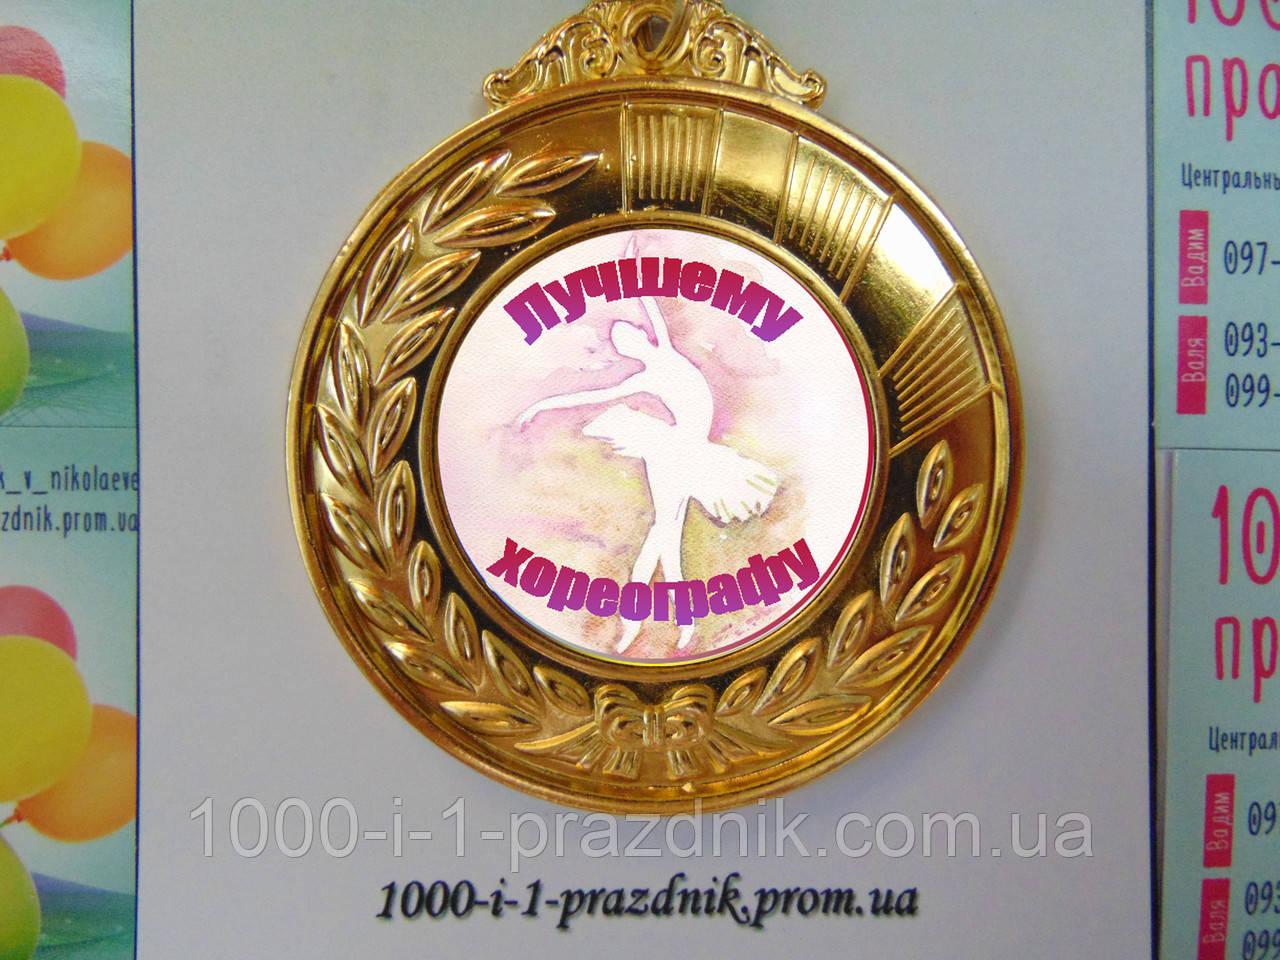 """Медаль """"Лучшему хореографу"""" розовая"""